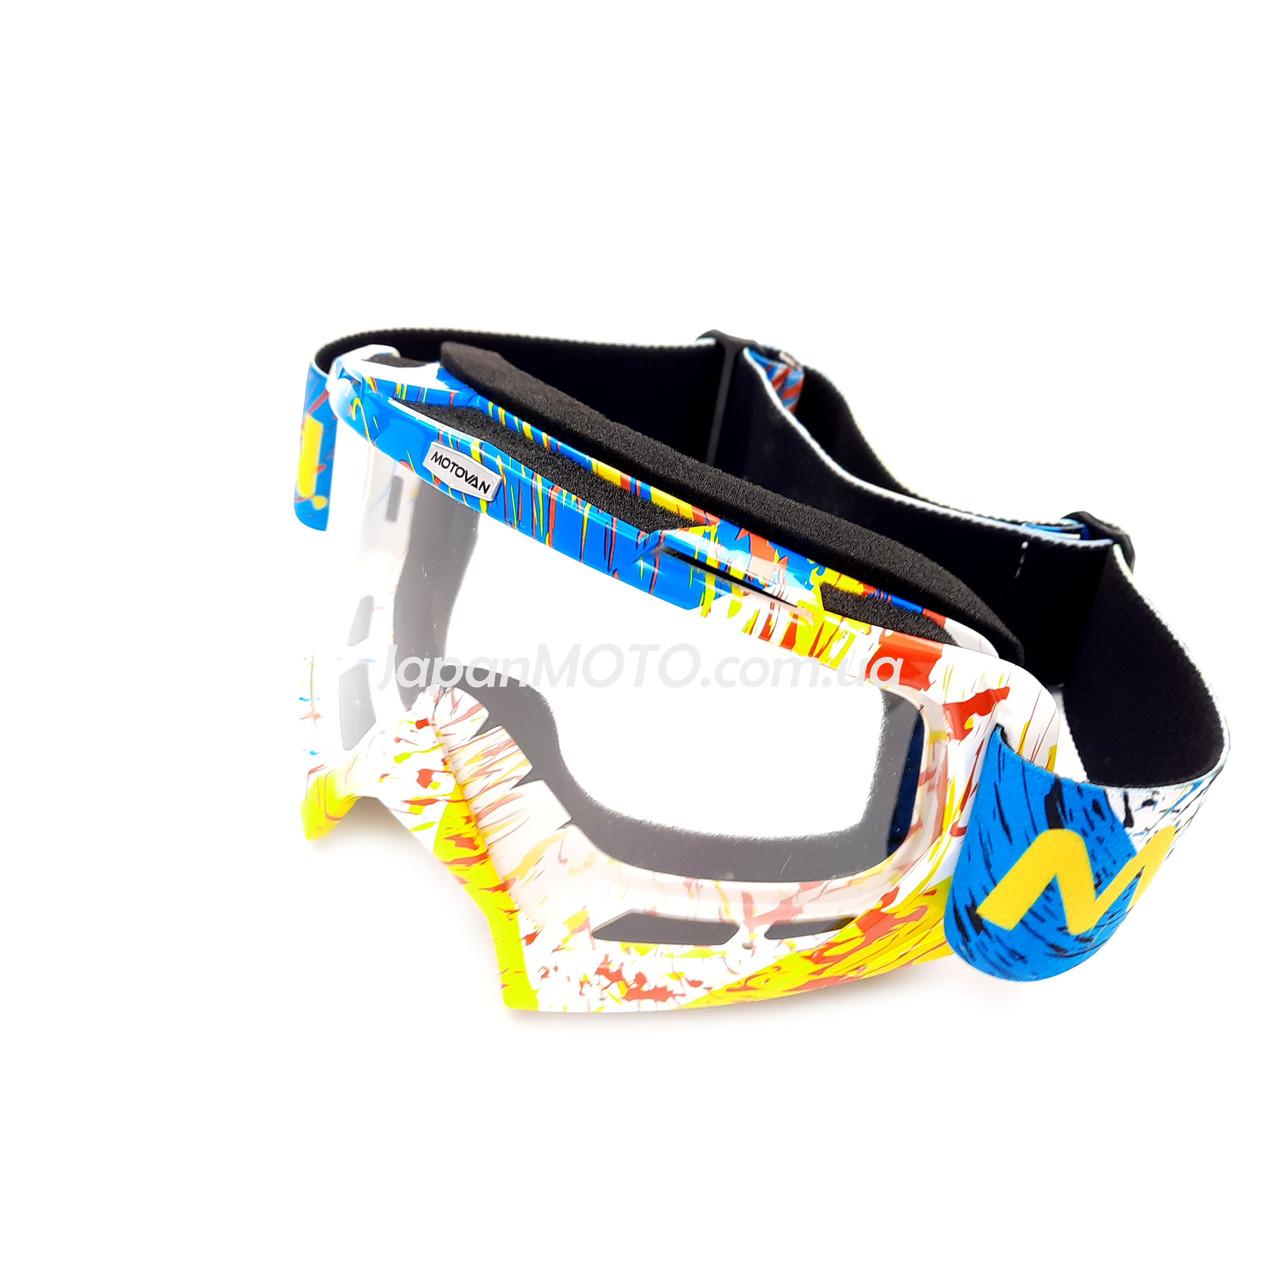 Очки кроссовые MOTSAI (желто-синие, синий ремешок, стекло прозрачное)